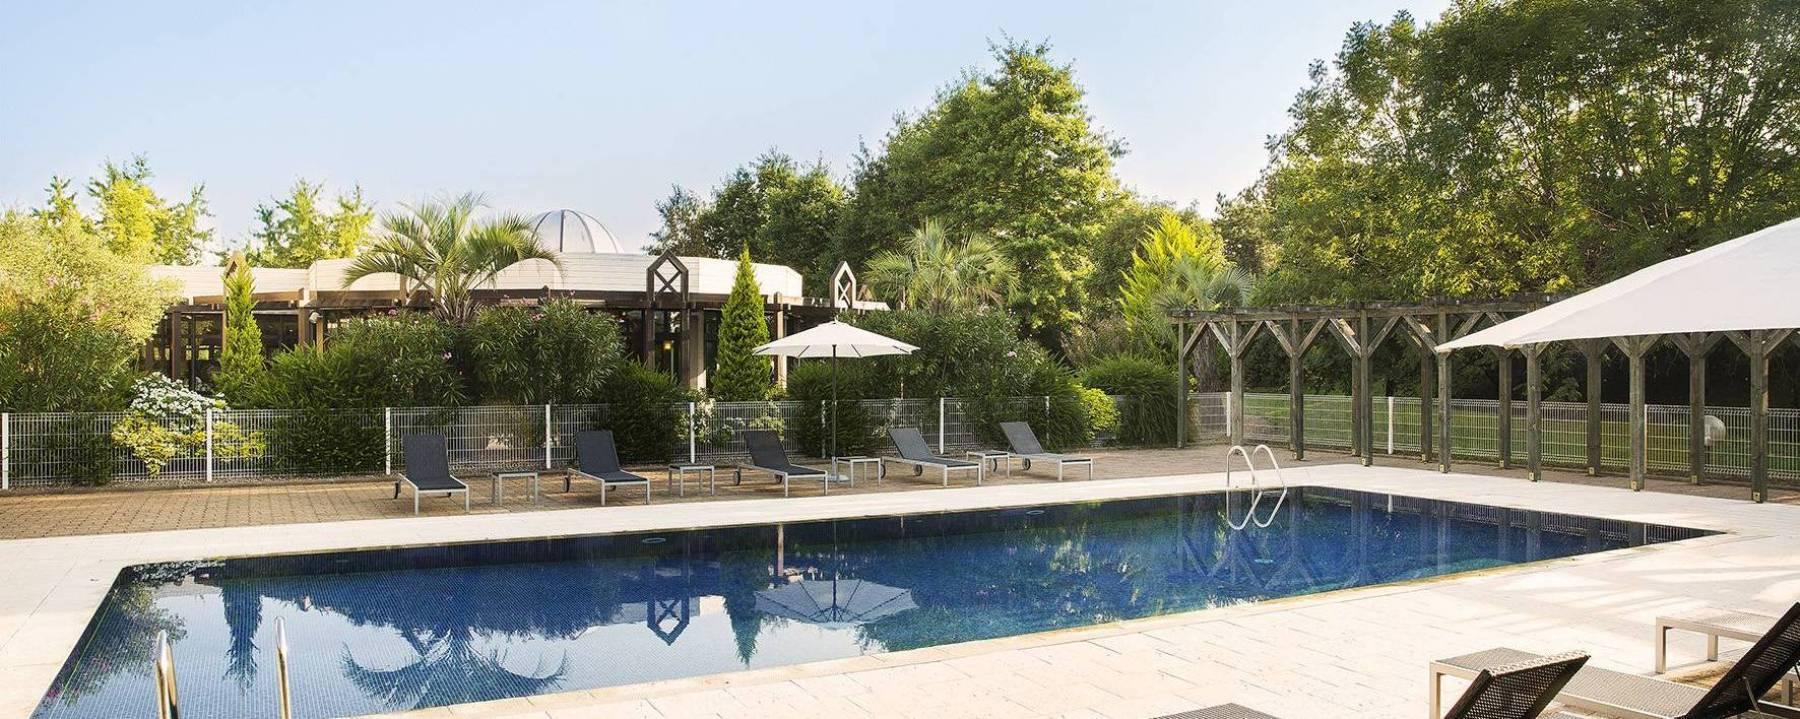 Hotel 4 etoiles Oceania Nantes Aéroport - Piscine et terrasse.jpg